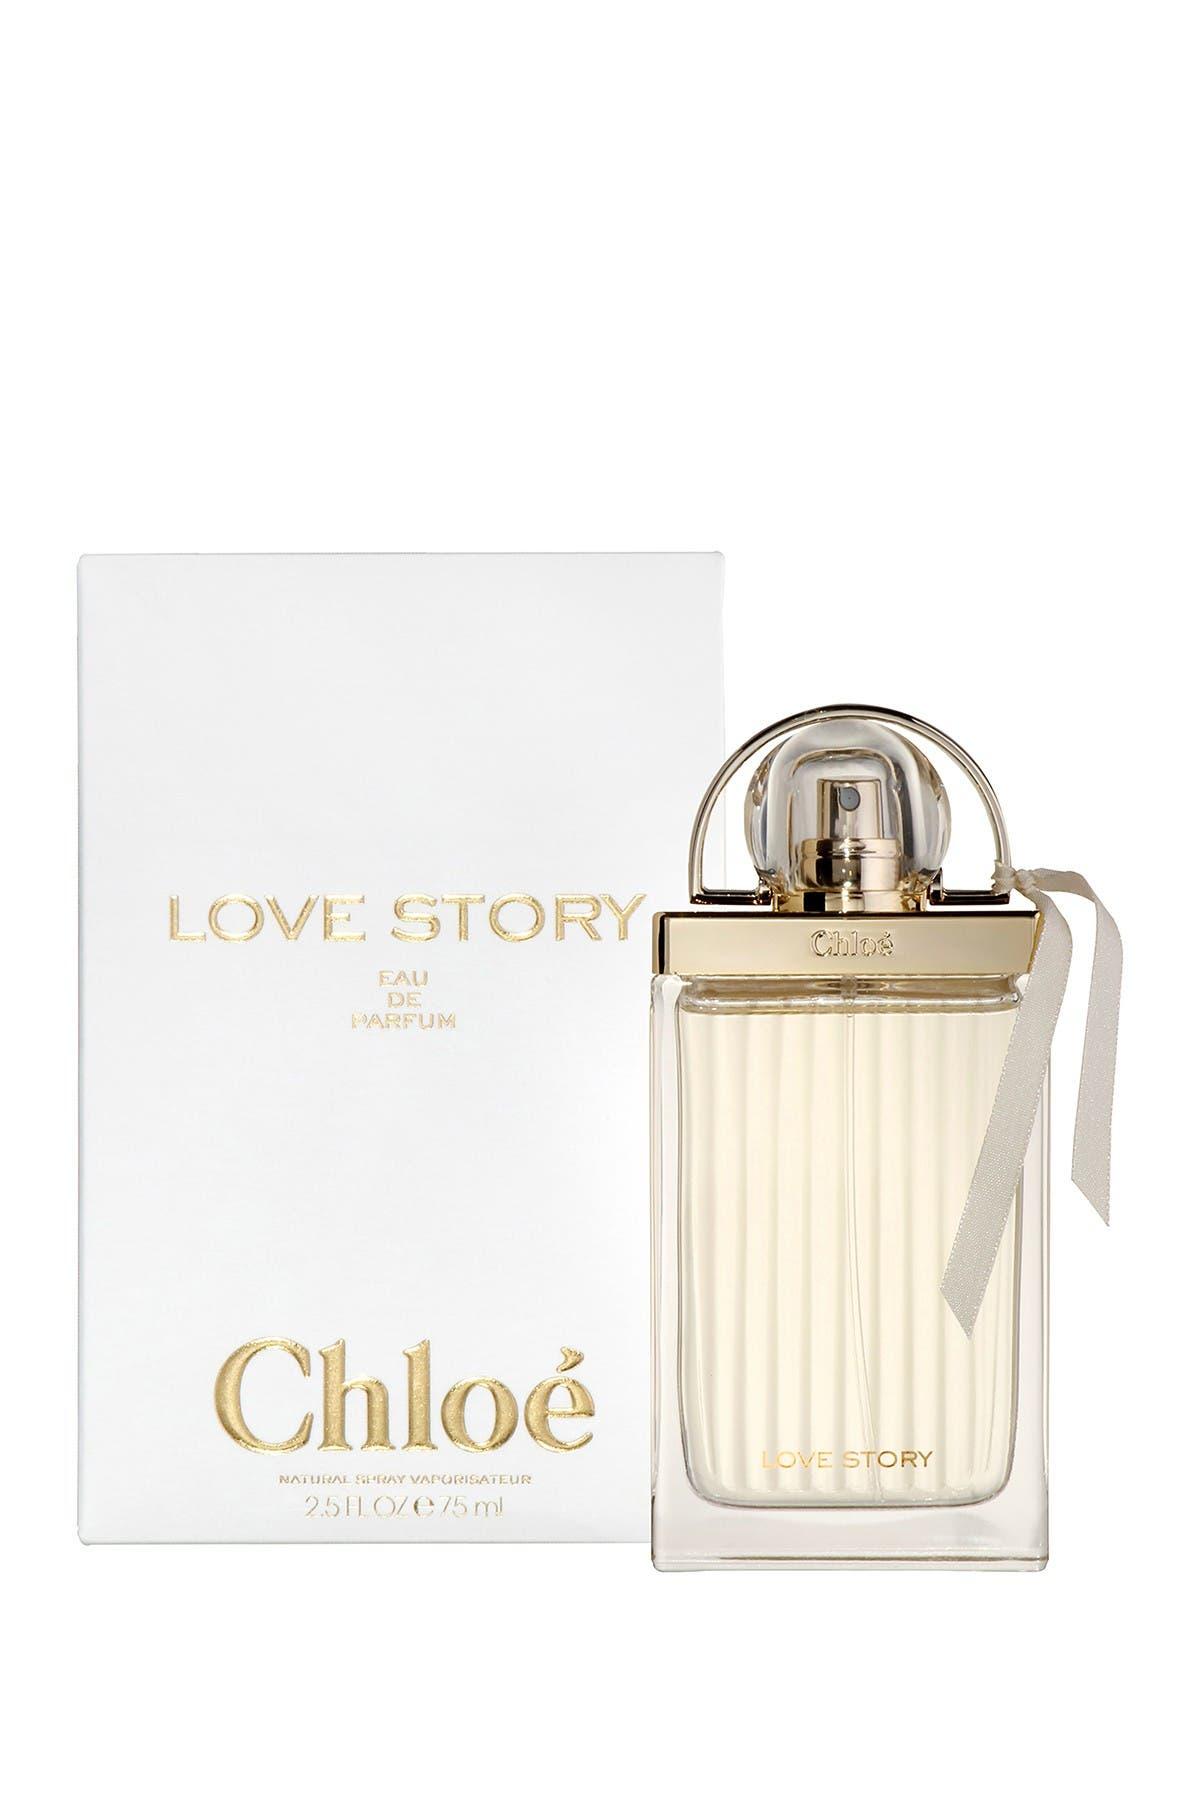 Image of Chloe Love Story Eau de Parfum - 2.5 fl. oz.